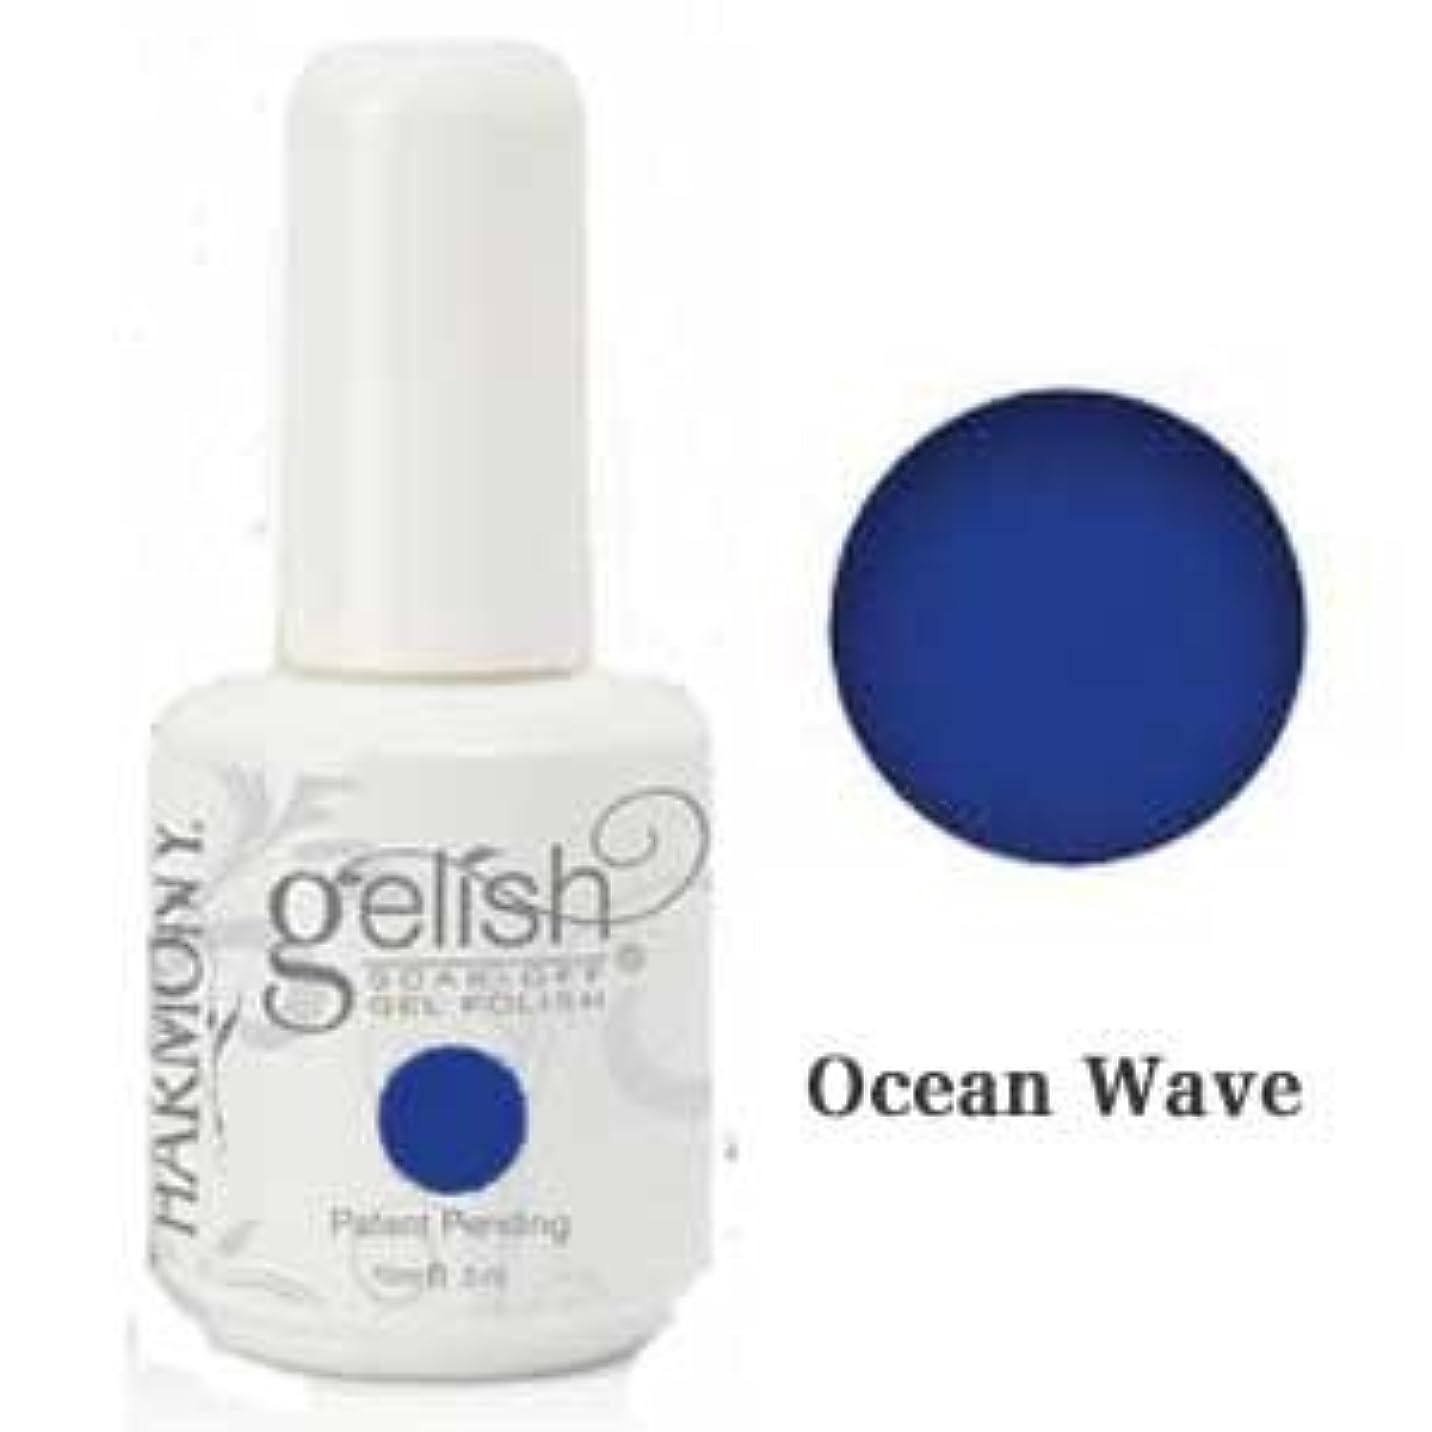 シアーかき混ぜるタクシーHarmony gelishソークオフジェル-Ocean Wave 15ml [海外直送品][並行輸入品]